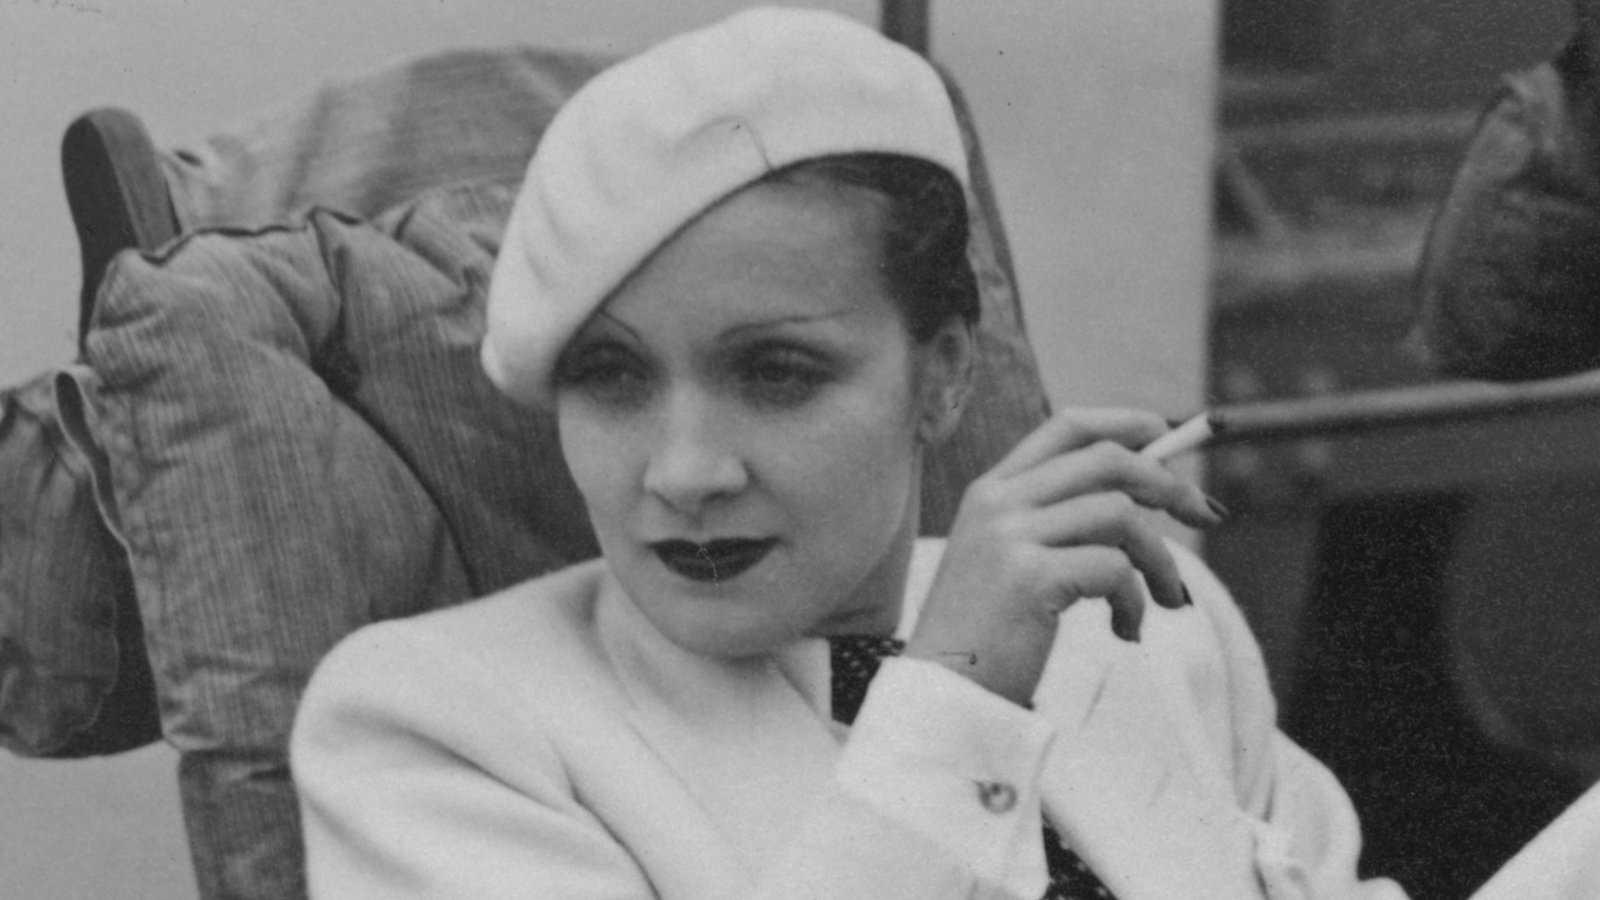 Marlene Dietrich se tornou um ícone gay devido à sua sexualidade aberta e à recusa em se vestir com roupas de gênero